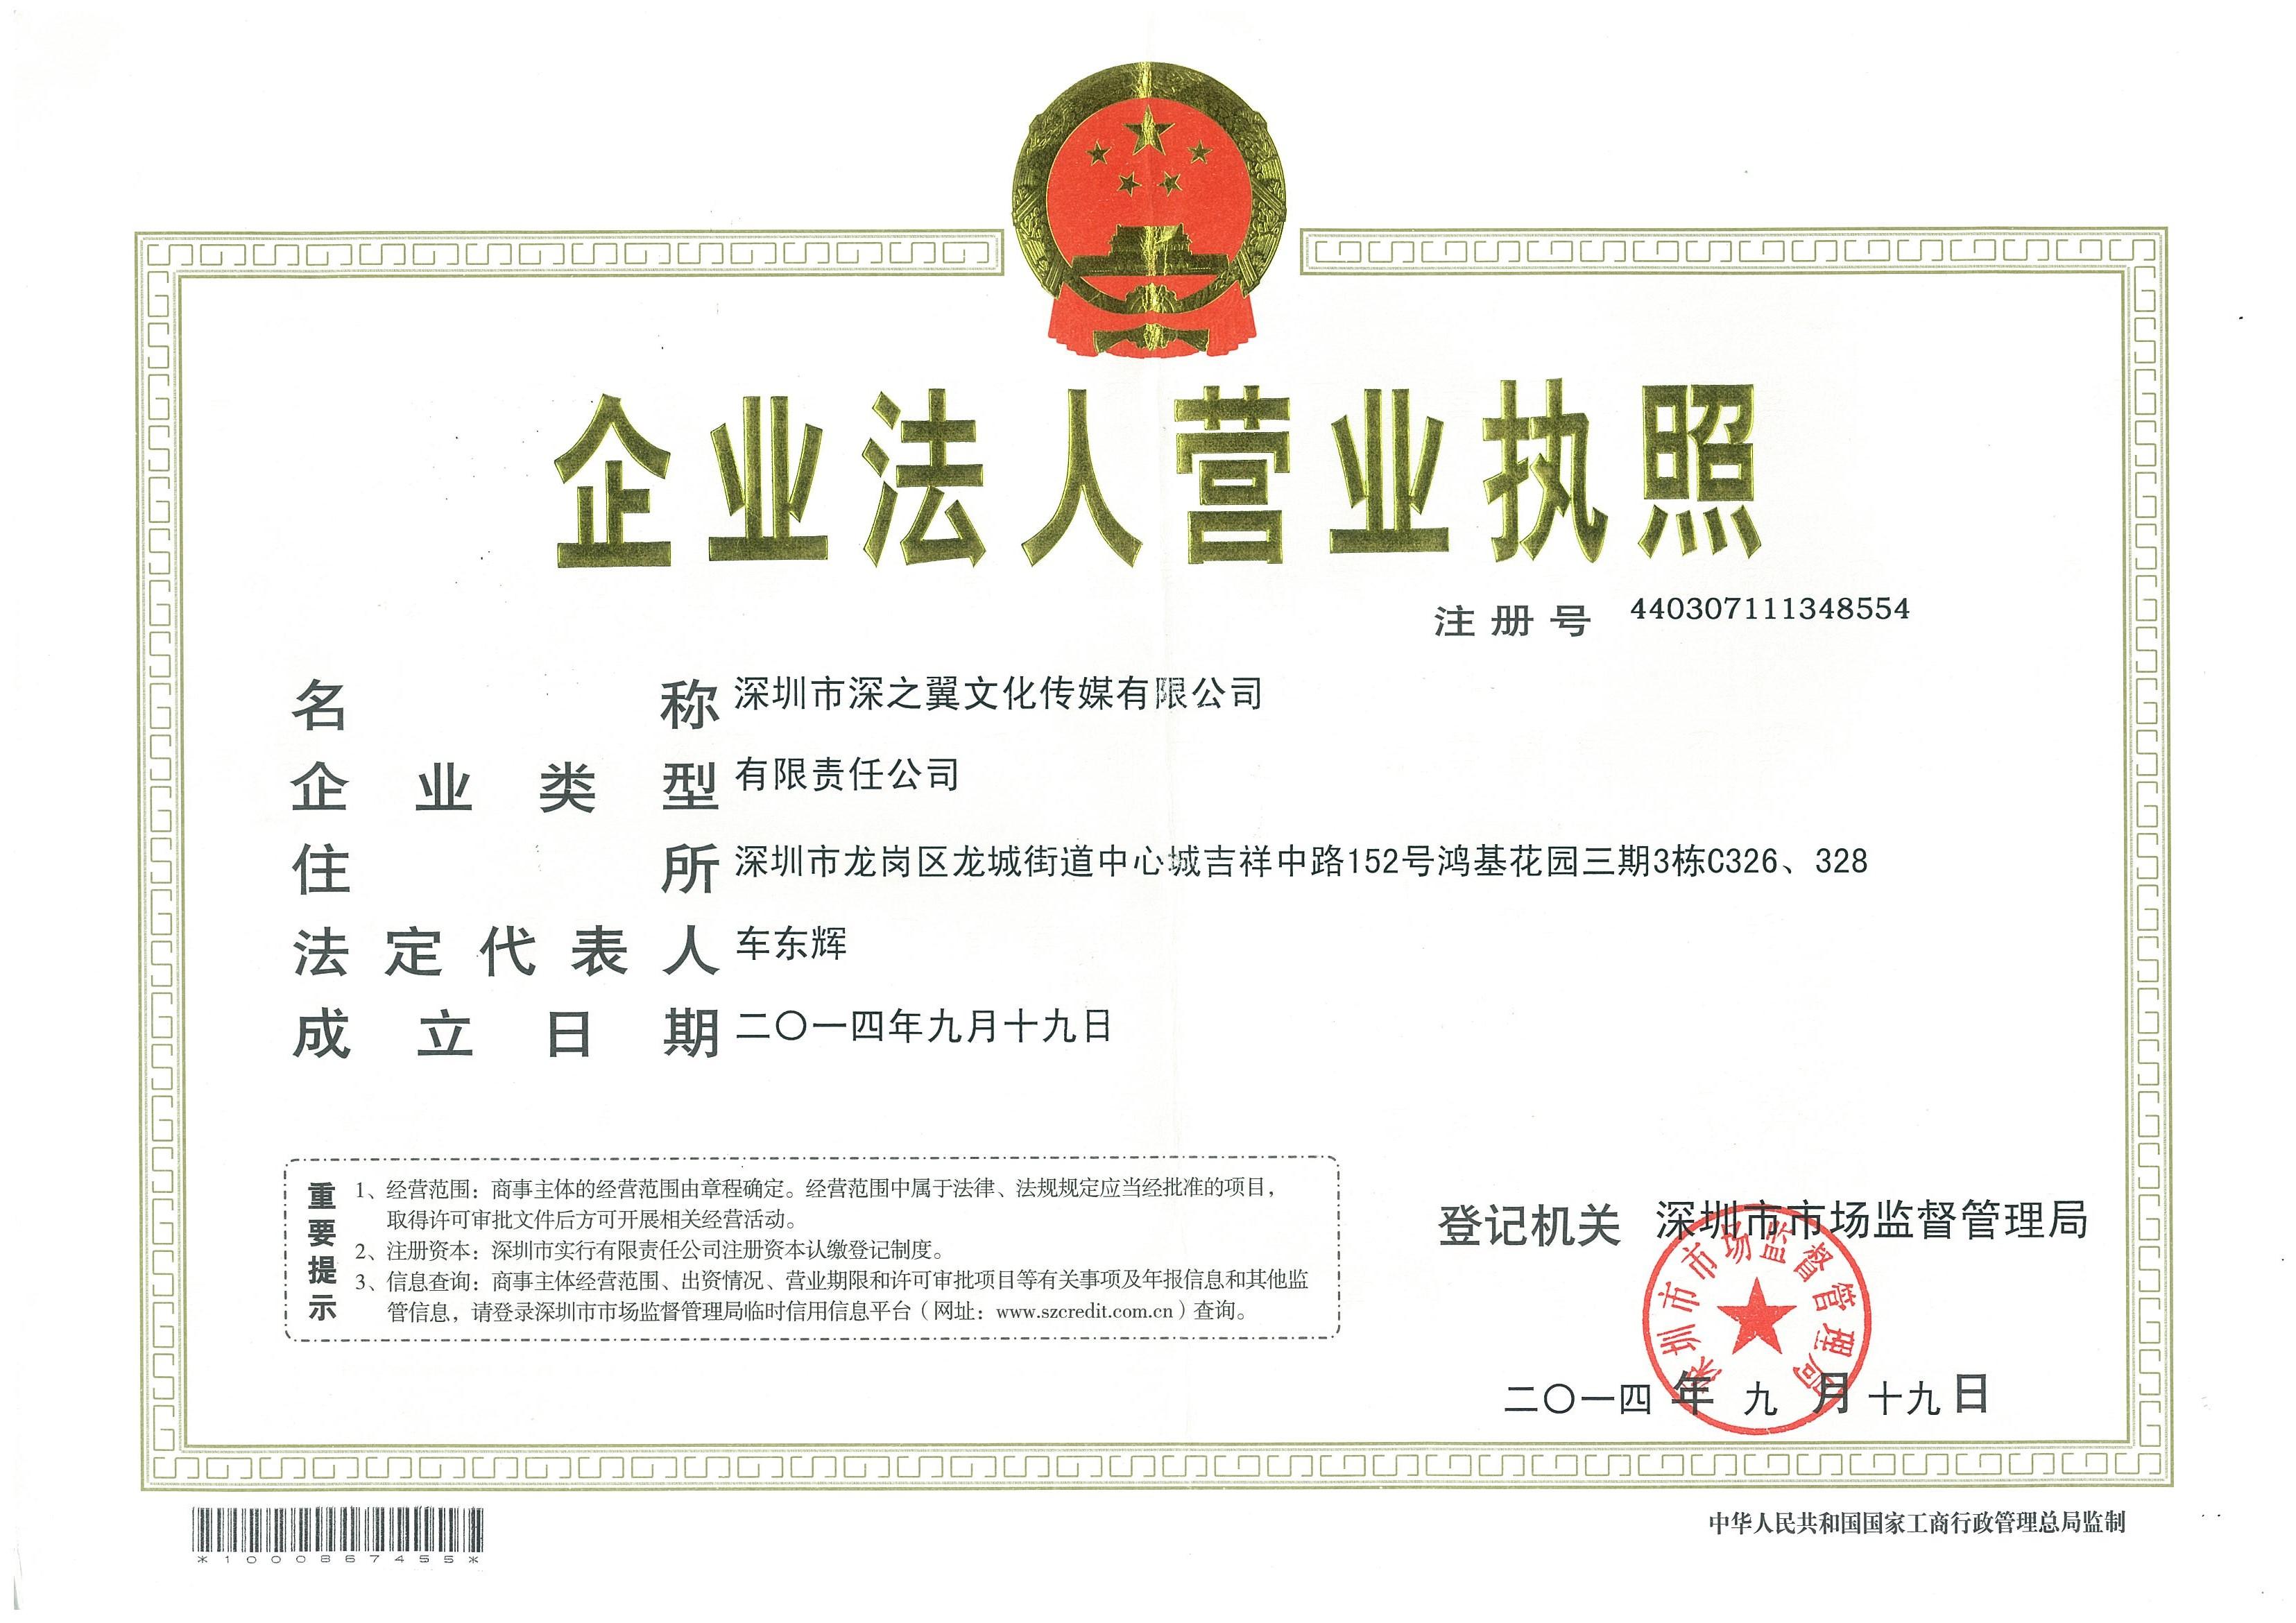 深圳市深之翼文化传媒有限公司